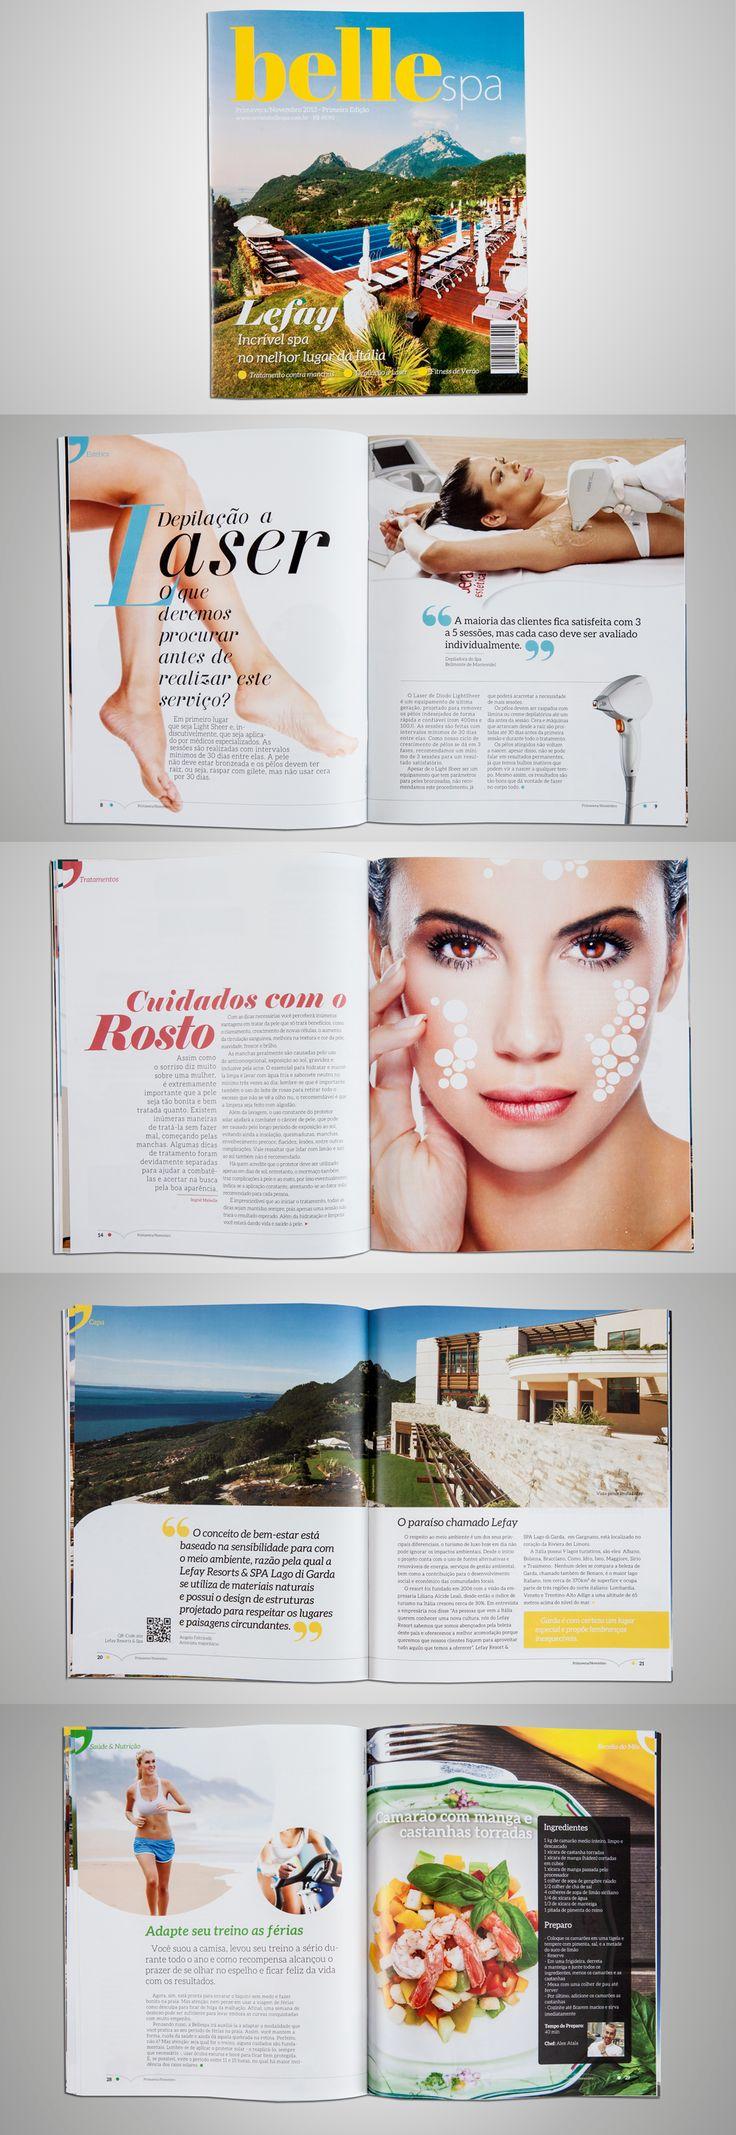 """Revista Belle Spa - Projeto editorial para o público """"mulheres de 30 a 40 anos preocupadas com a beleza"""" - revista que apresenta os melhoras Spas do mundo a cada edição. Todal de 36 páginas. #editorial #design"""